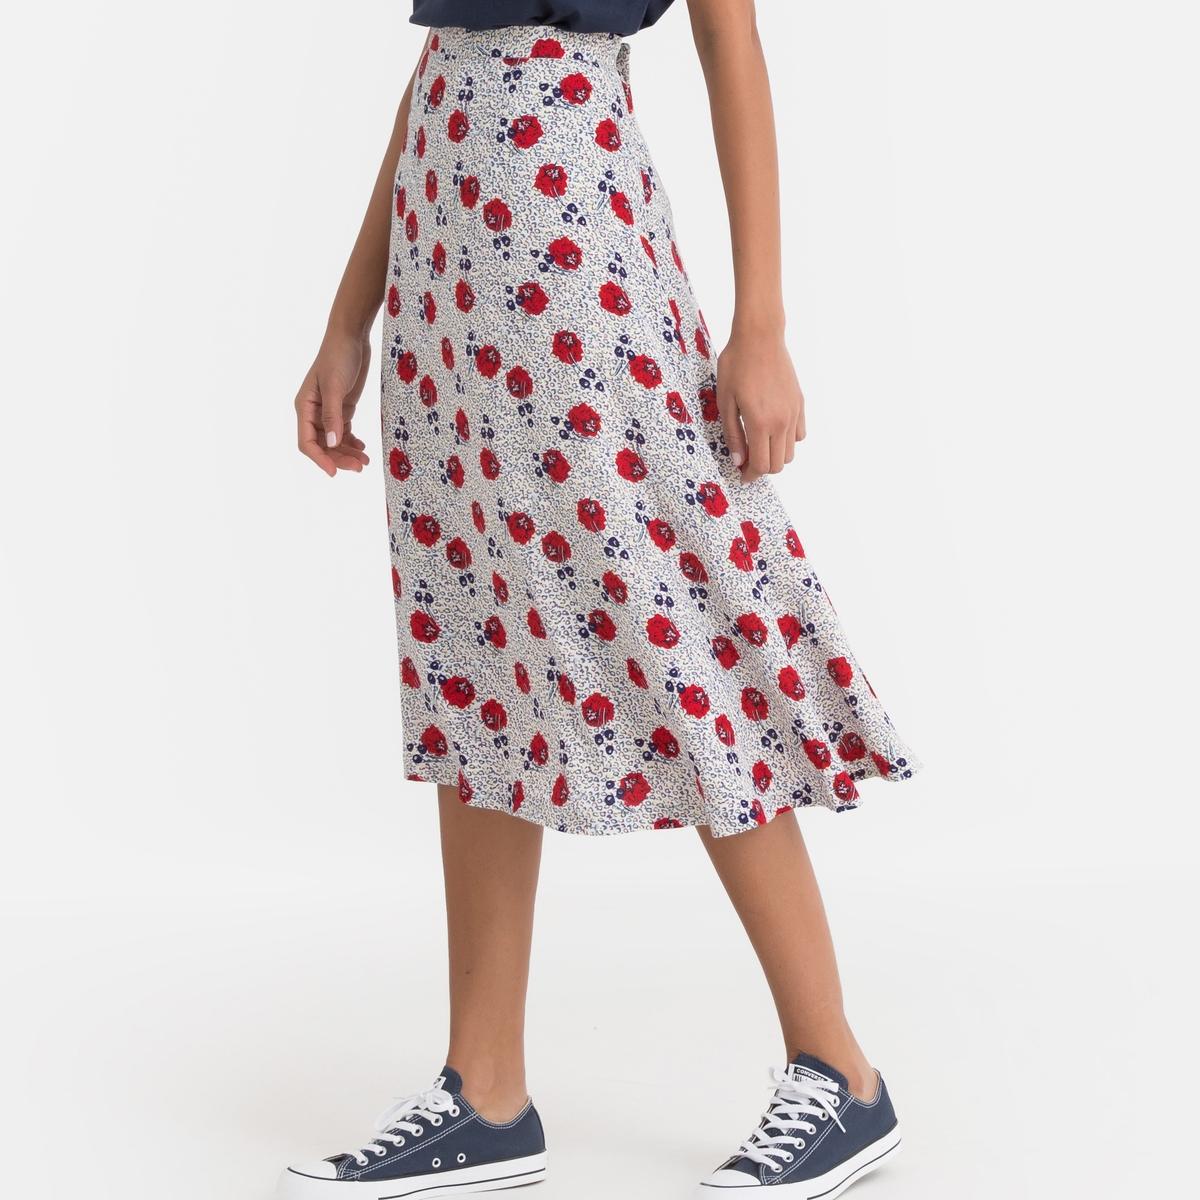 Юбка-миди La Redoute С цветочным рисунком 40 (FR) - 46 (RUS) красный юбка la redoute короткая расклешенная с цветочным рисунком и оборками на поясе xs бежевый